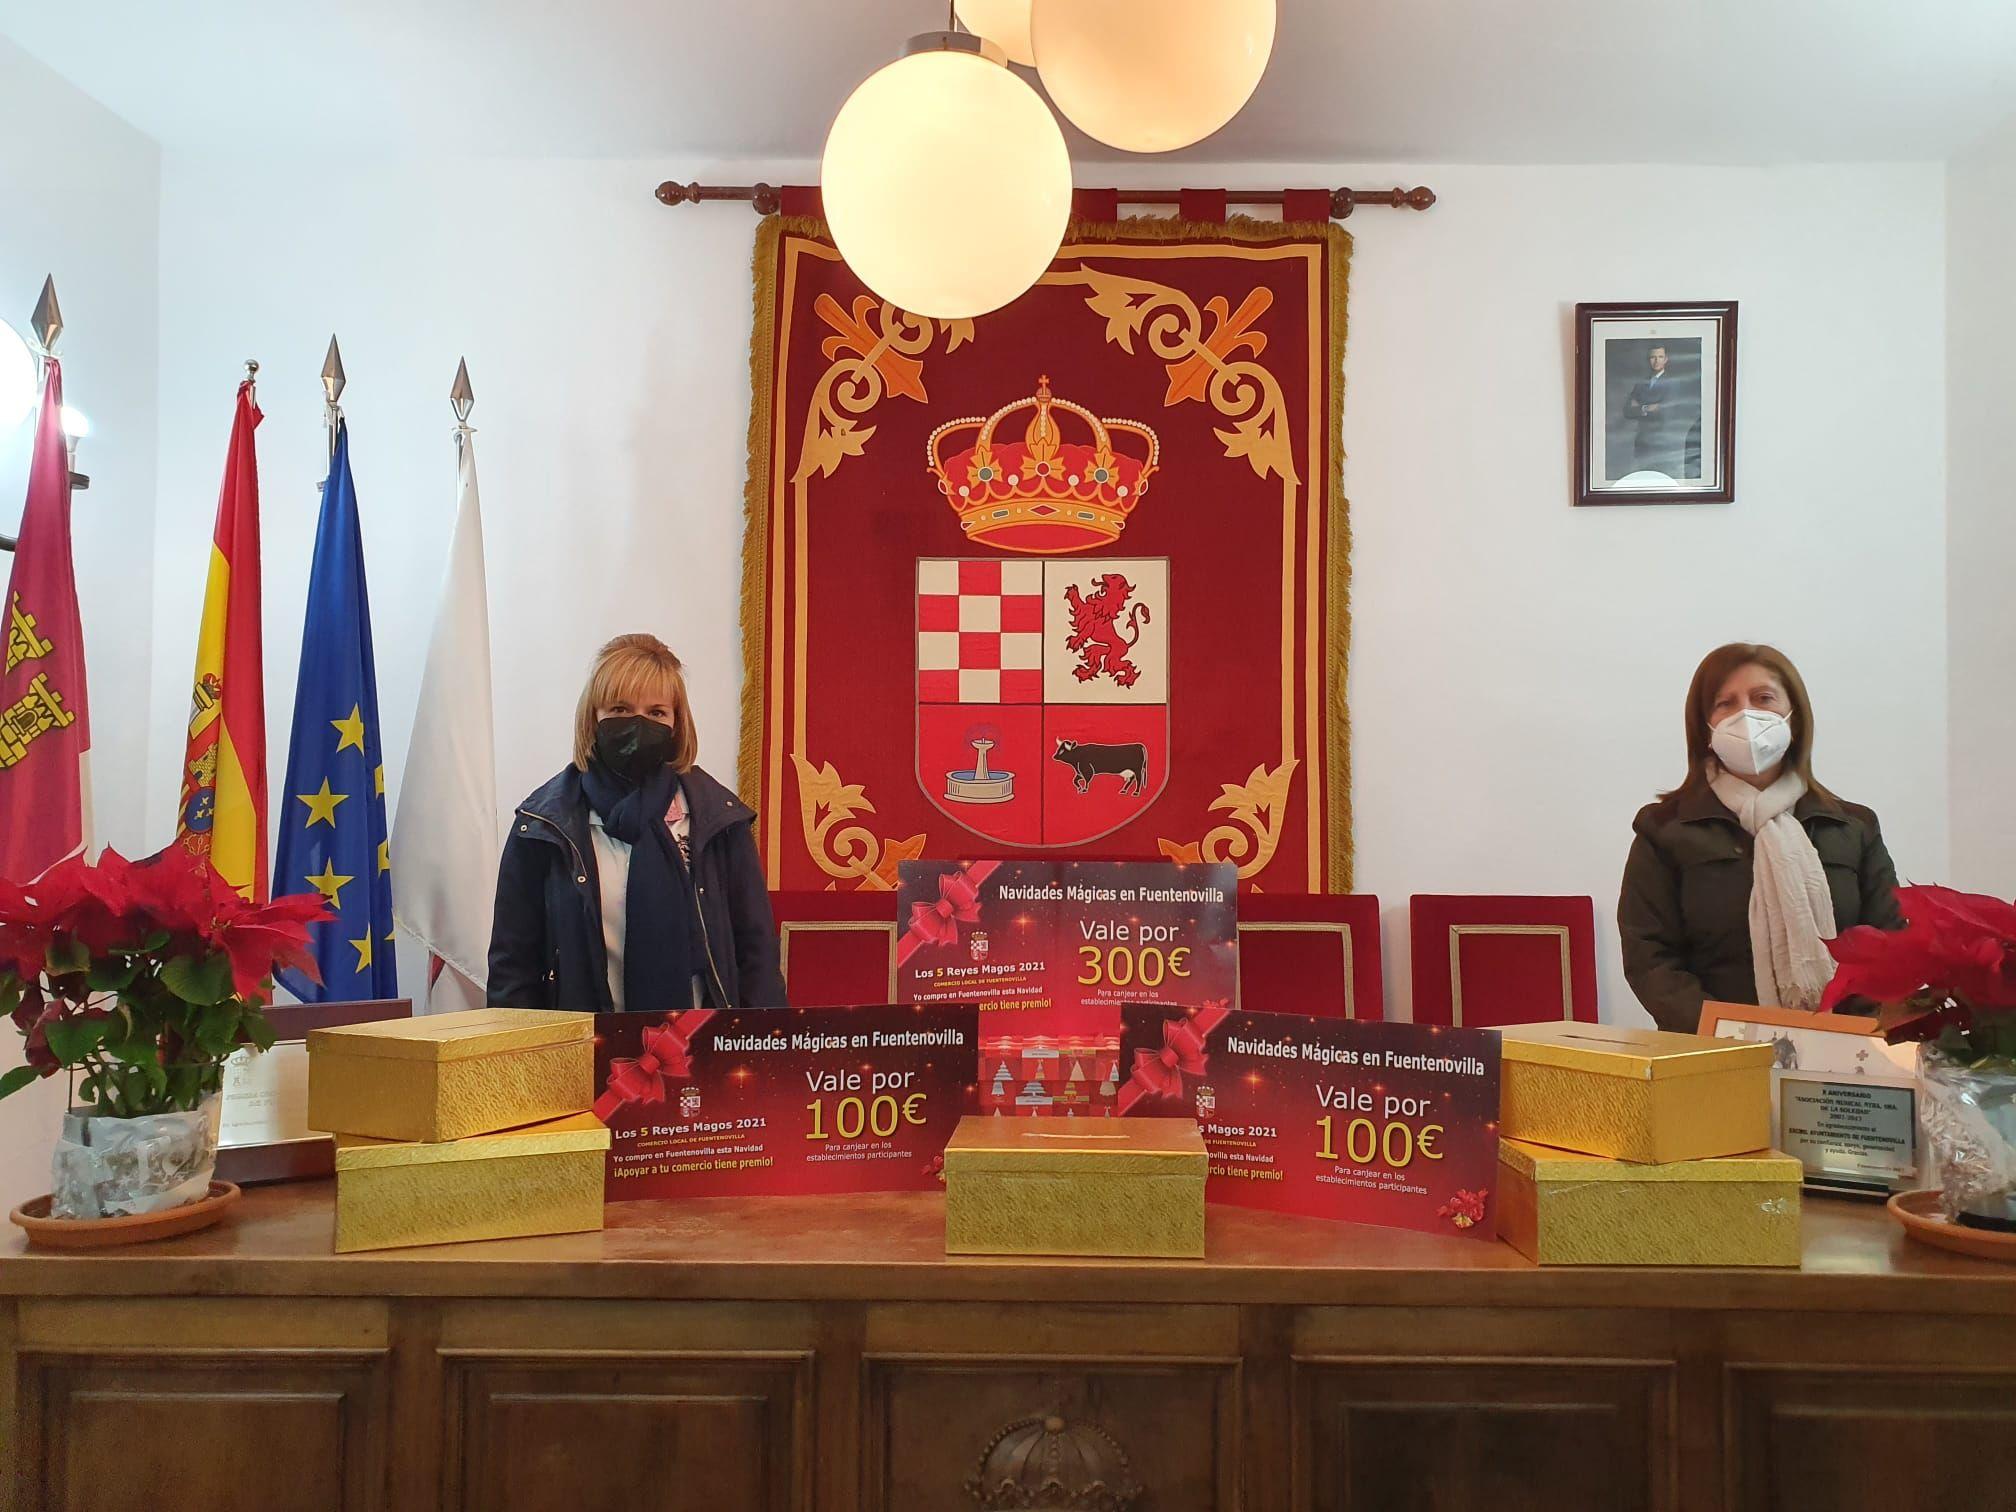 Rosario Montes gana el premio de 300 euros de los 5 Reyes Magos